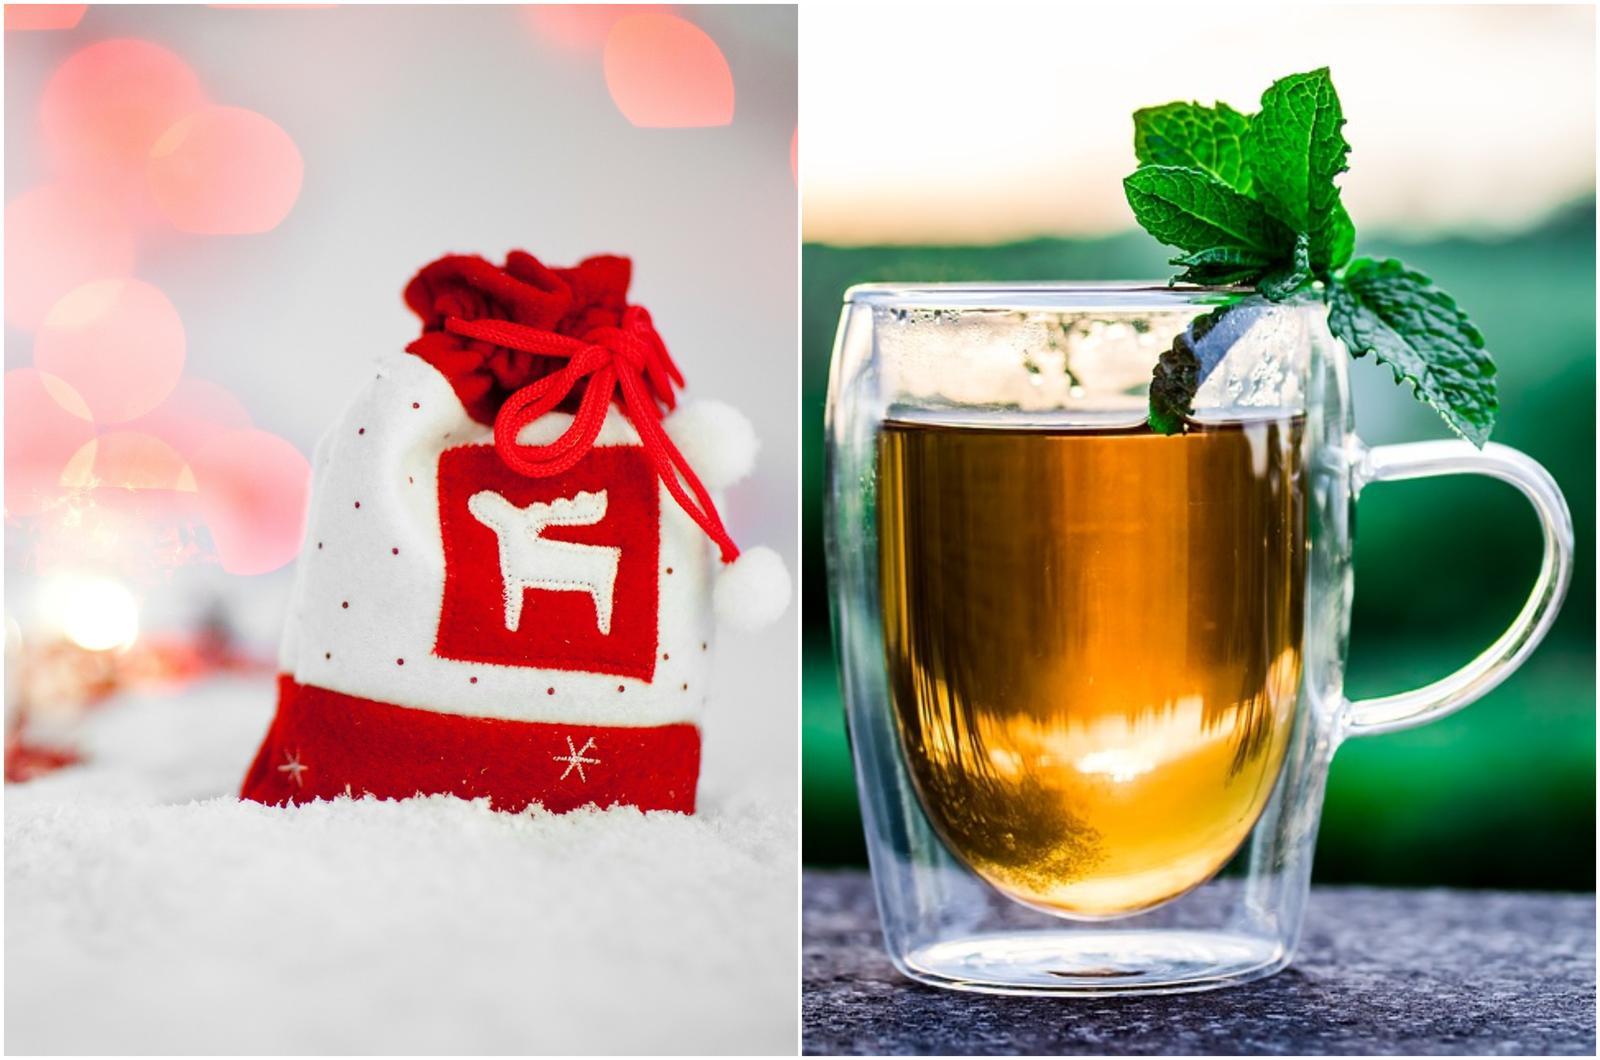 žalia arbata gera širdies sveikata)